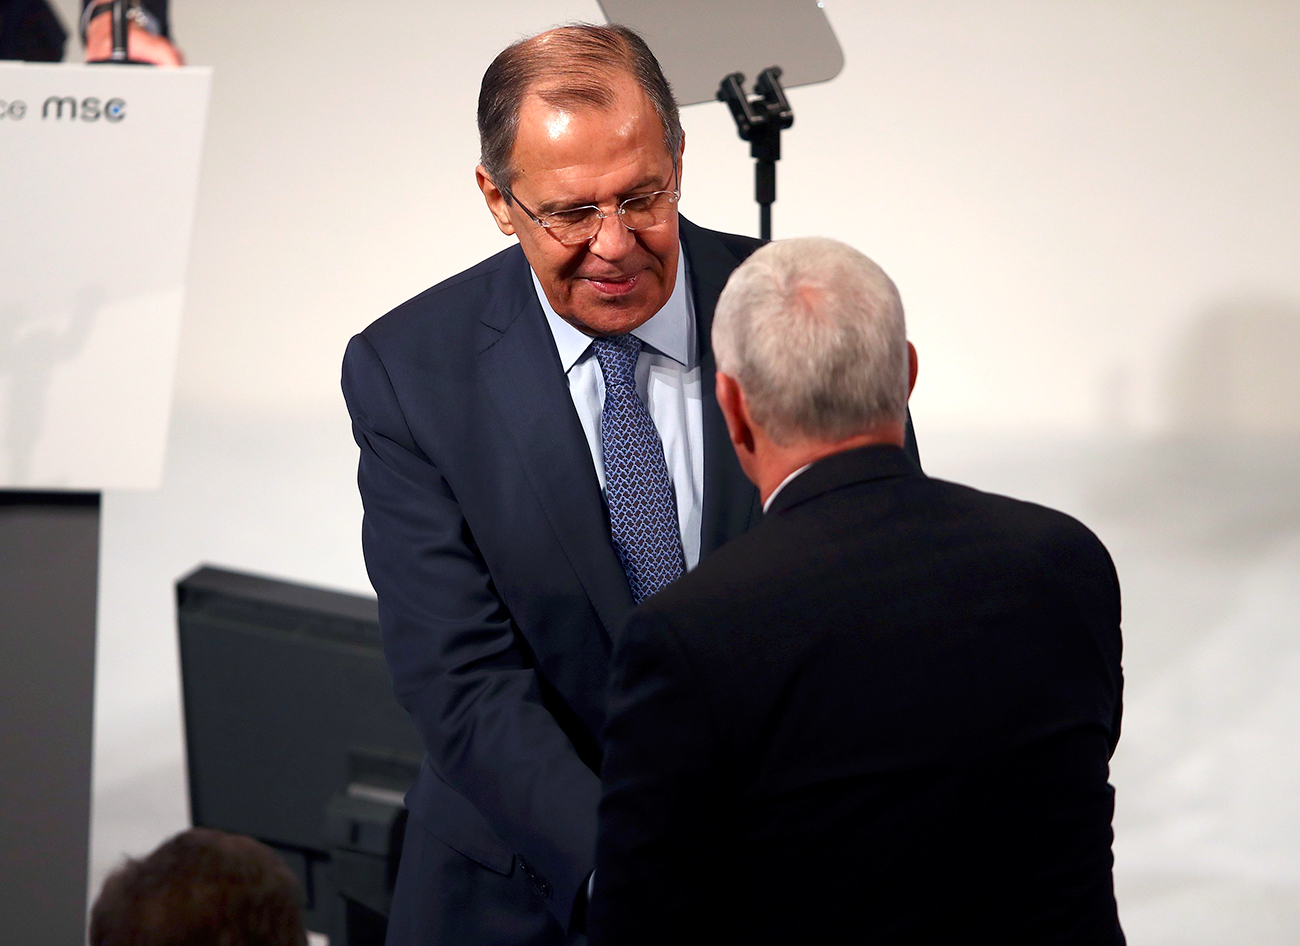 Il ministro russo degli Esteri Sergej Lavrov, a sinistra, stringe la mano al vicepresidente Usa Mike Pence durante la Conferenza sulla Sicurezza di Monaco, 18 febbraio 2017.